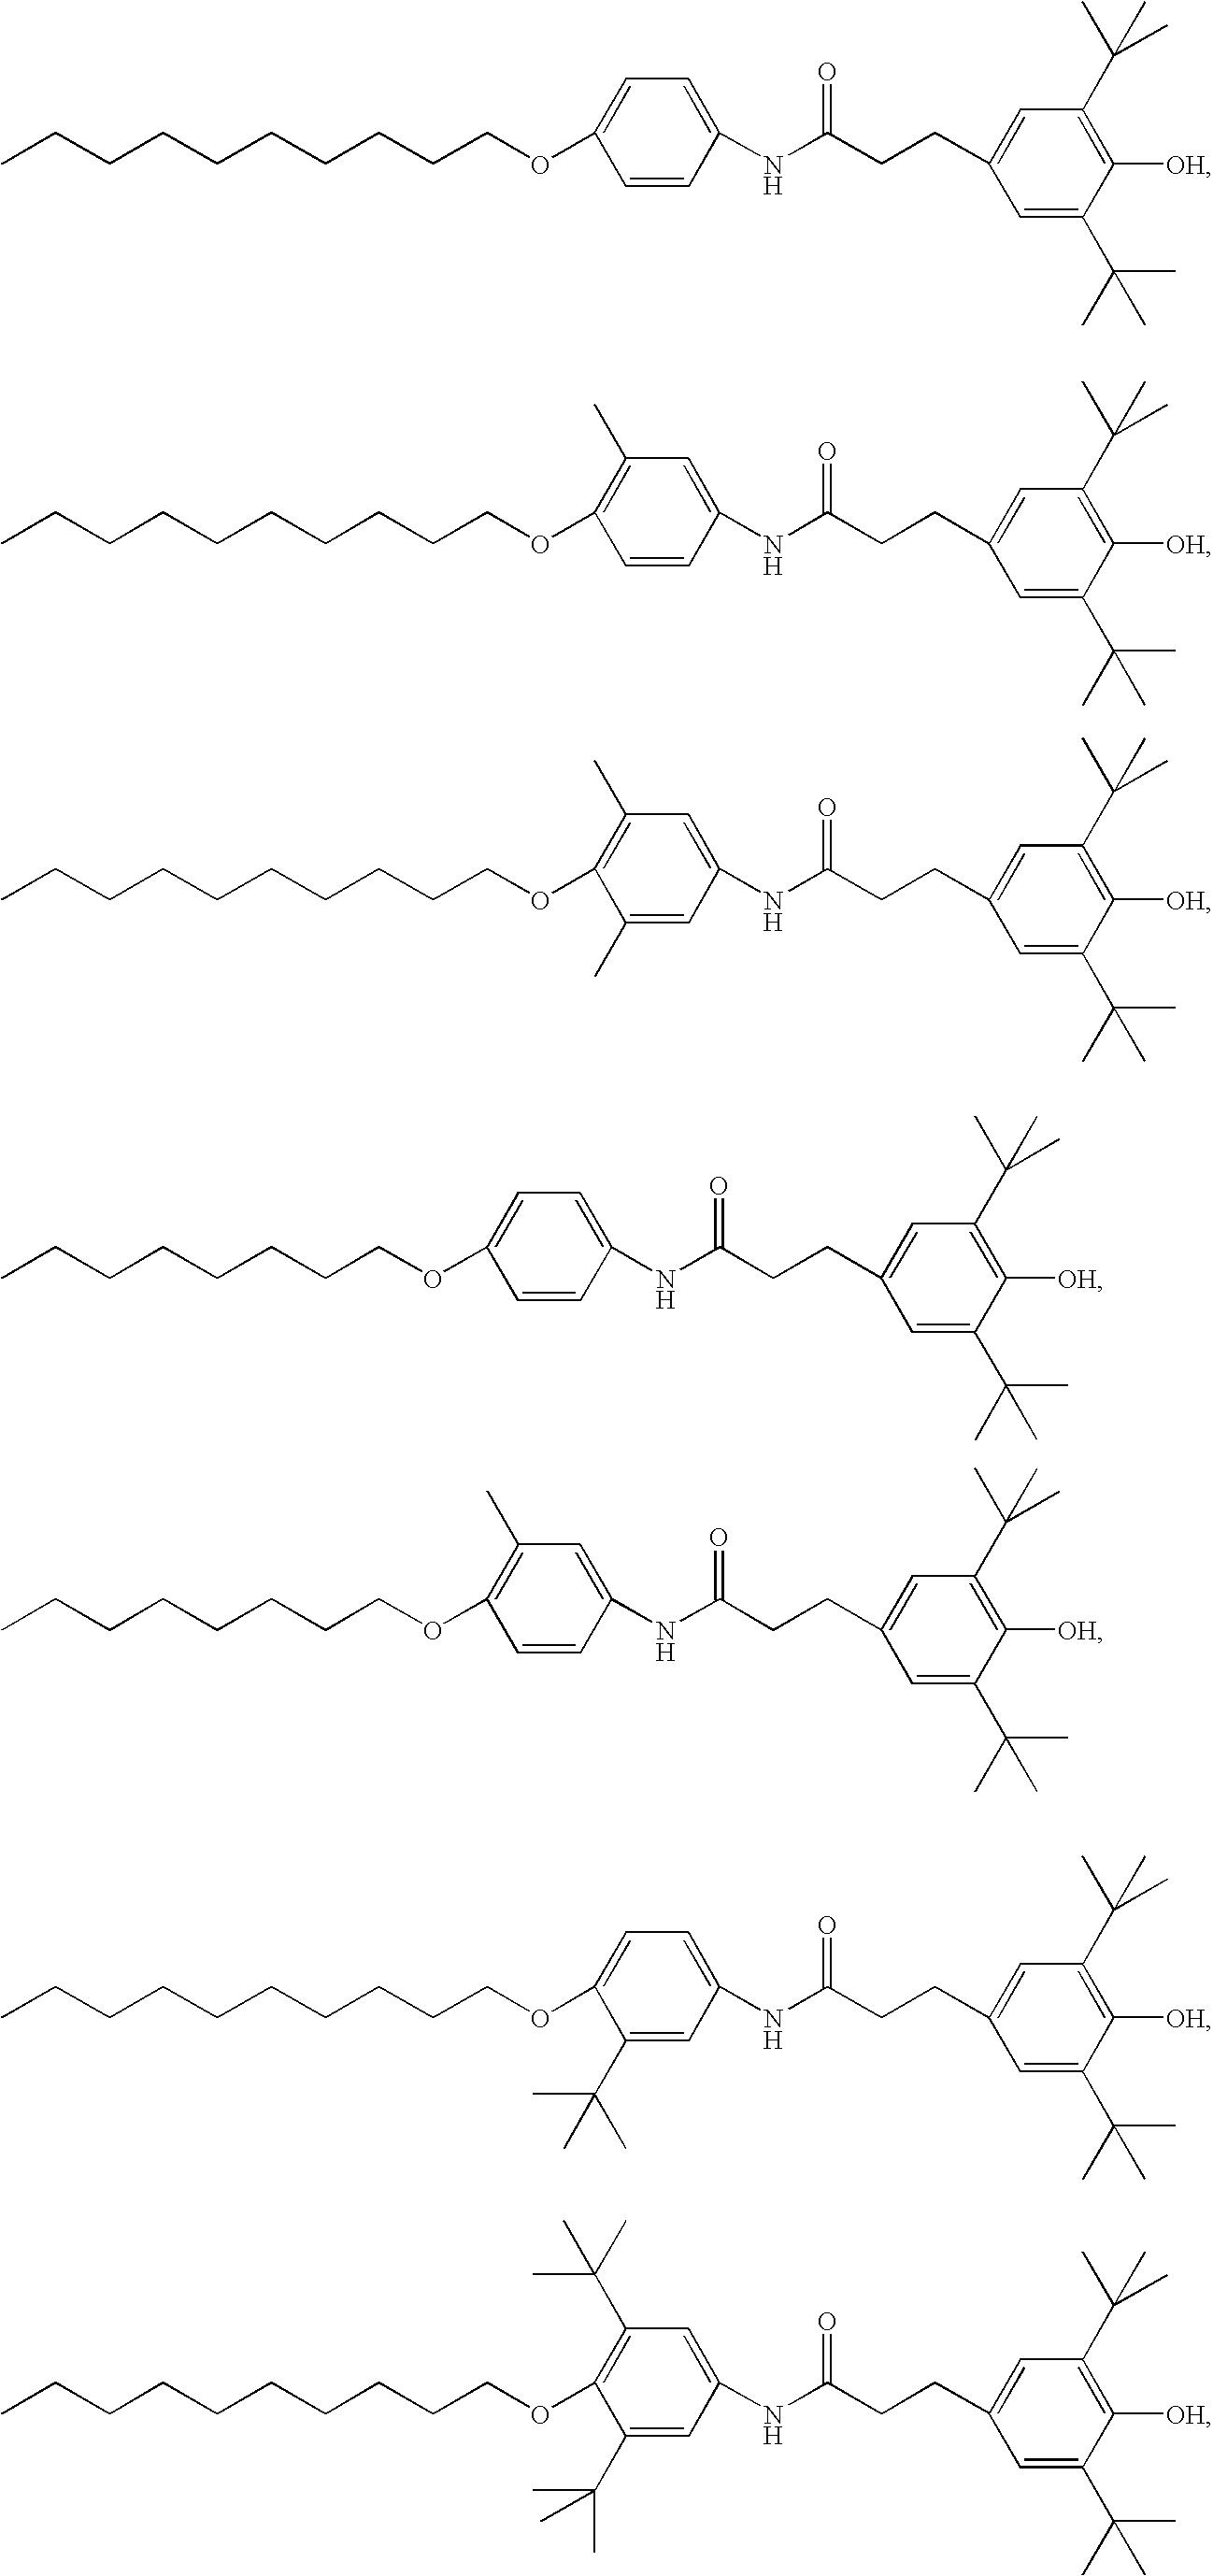 Figure US07705075-20100427-C00095